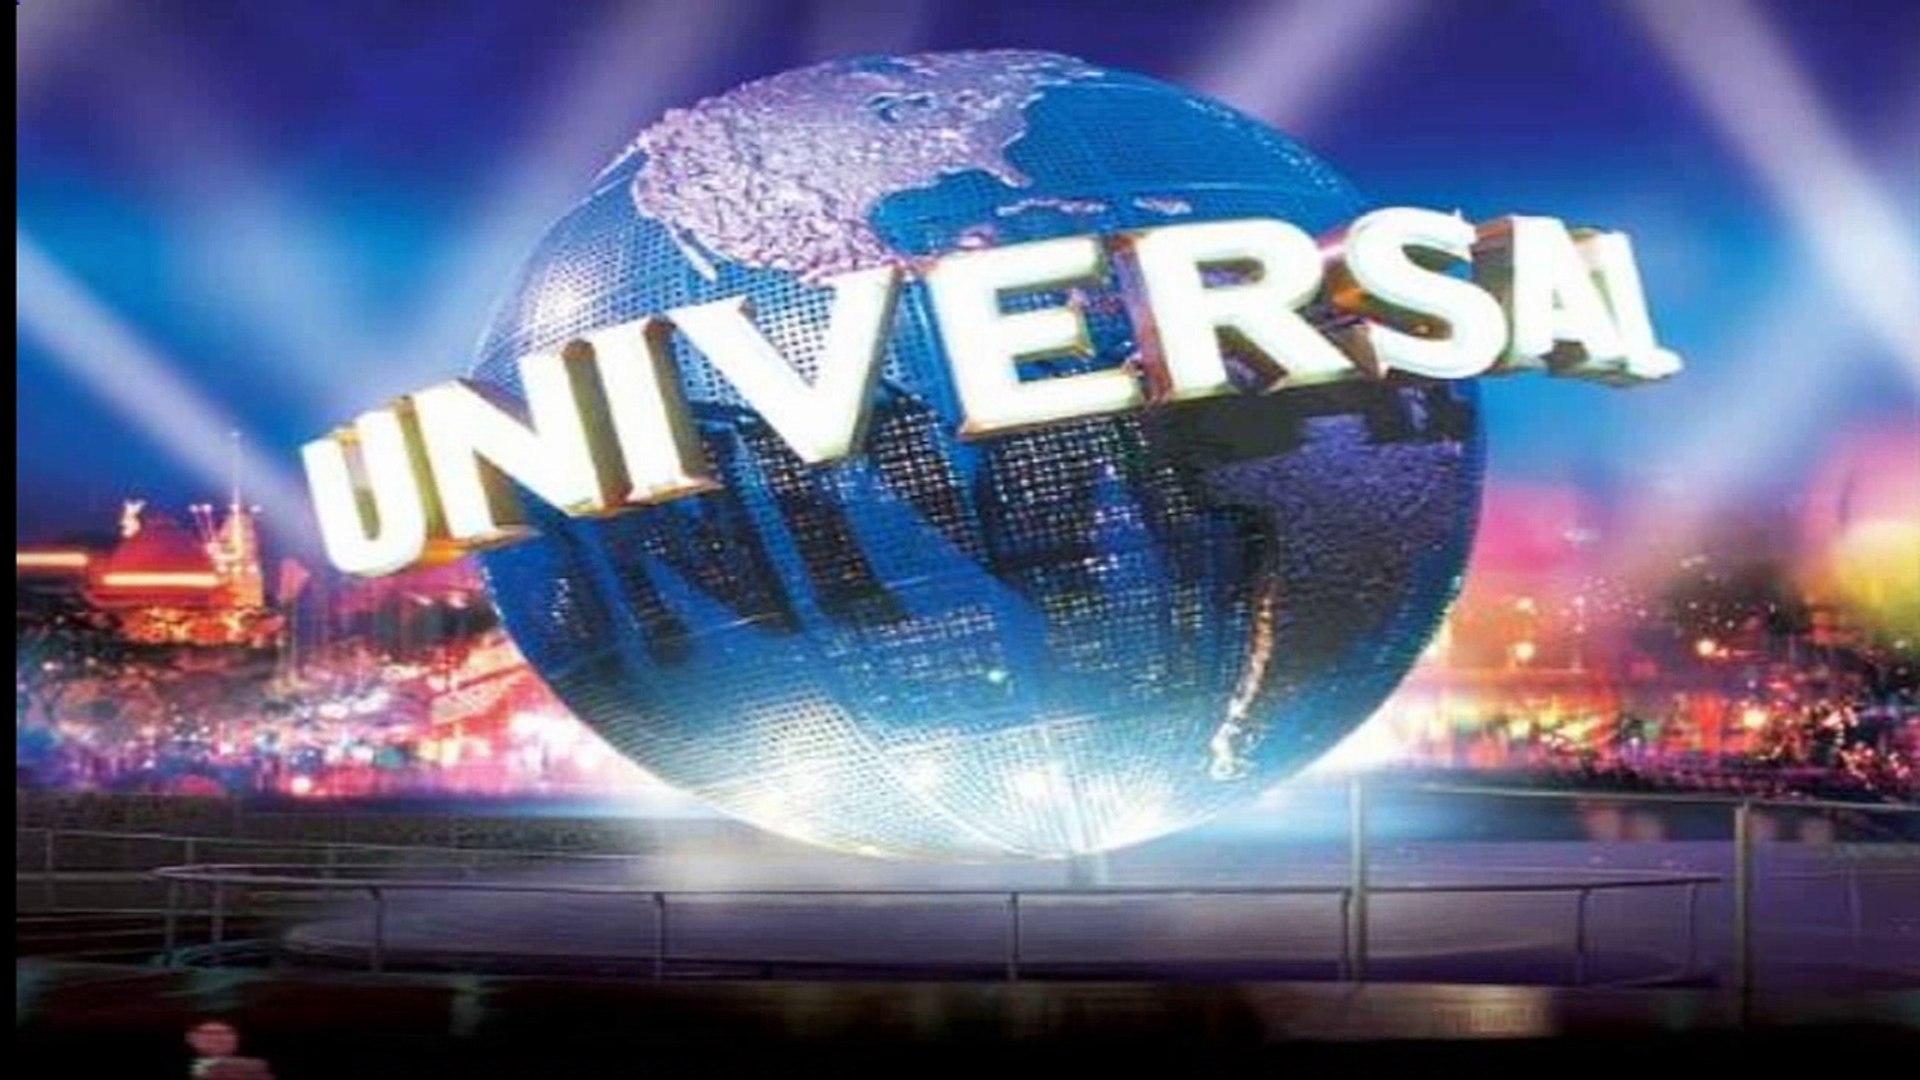 Funny Games U.S. Film Complet Entier VF En Français Streaming HD 2015